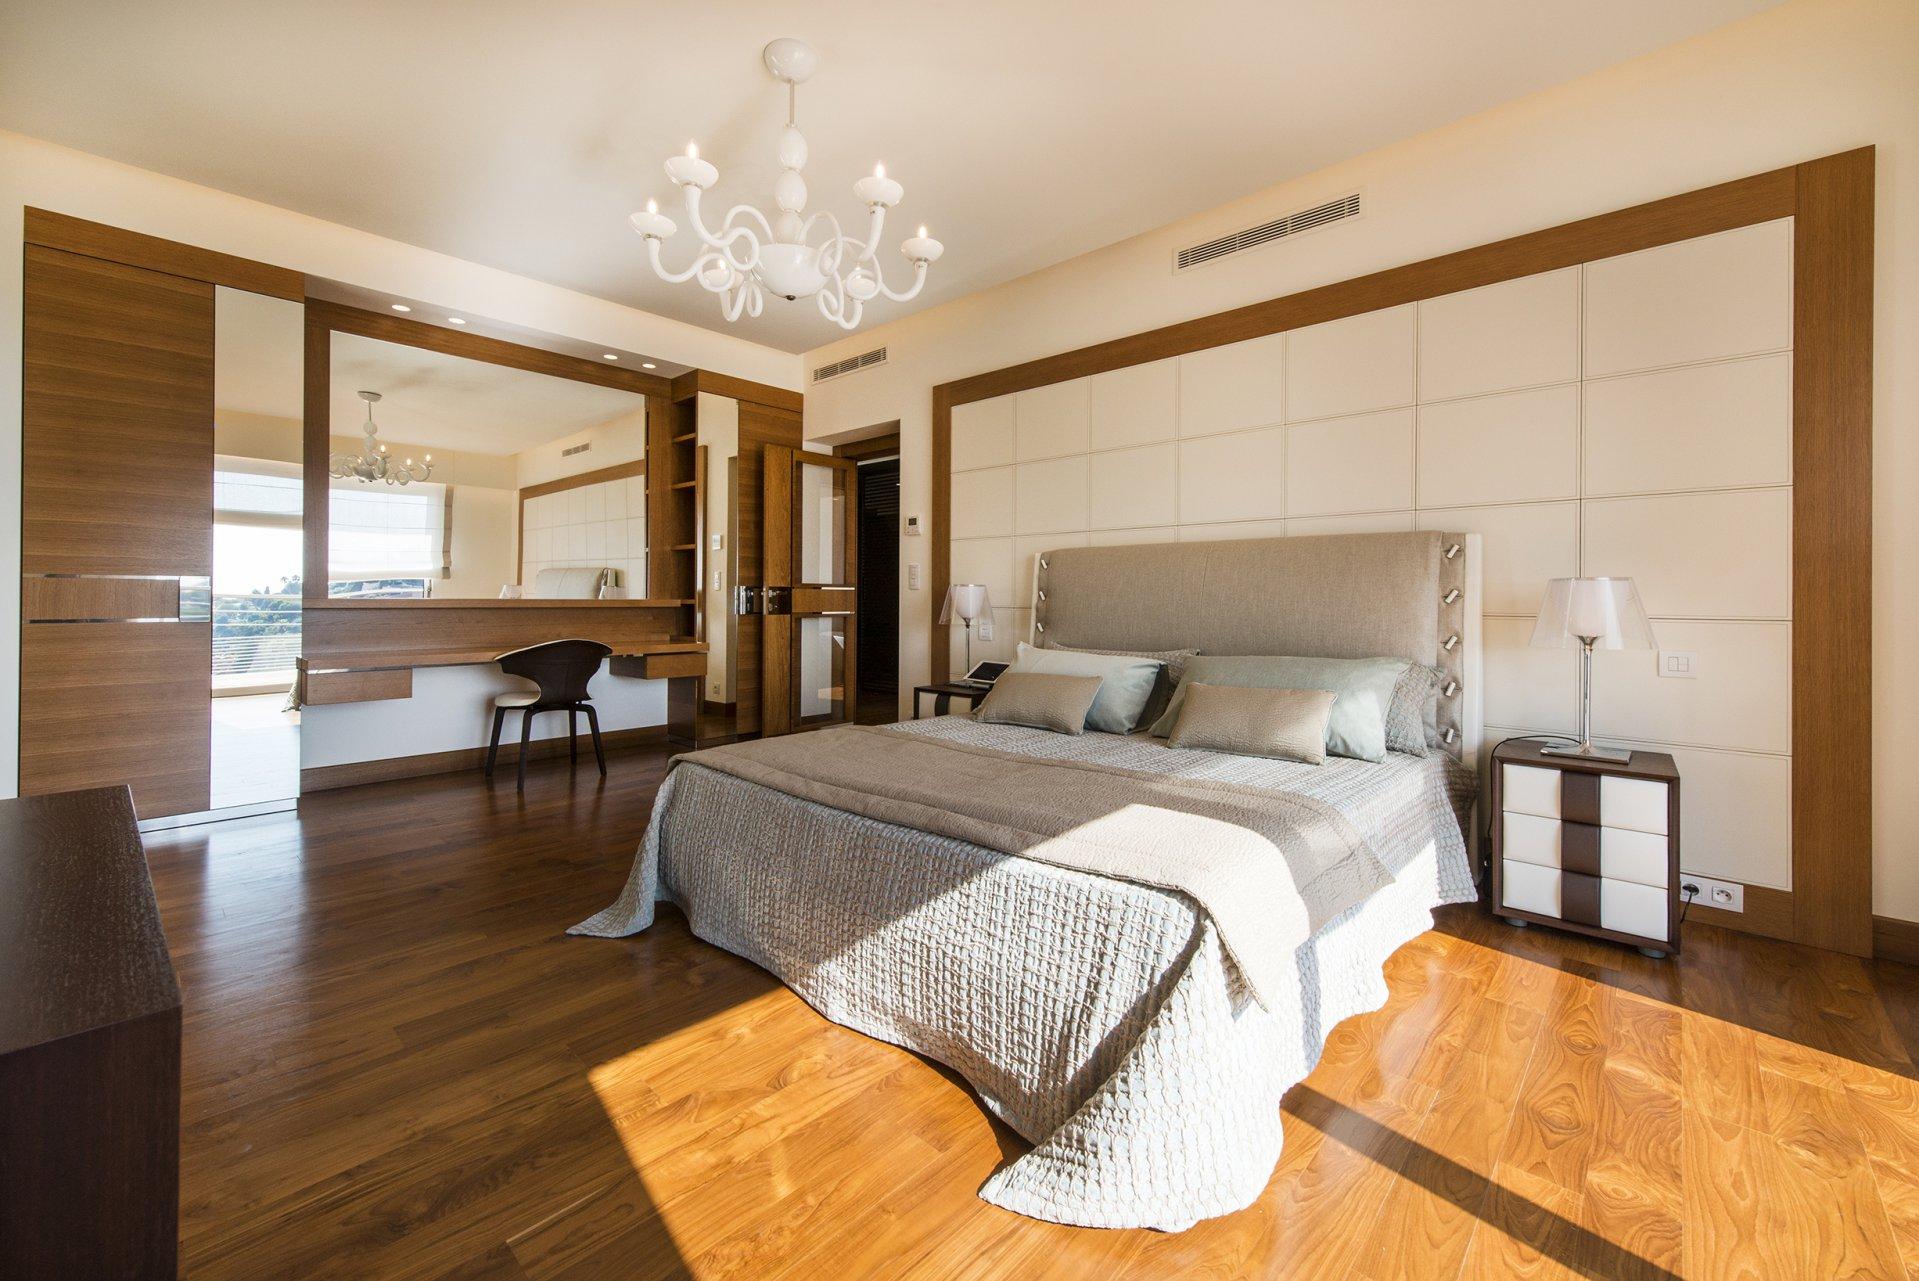 Lustre, ventilateur de plafond, lumière naturelle